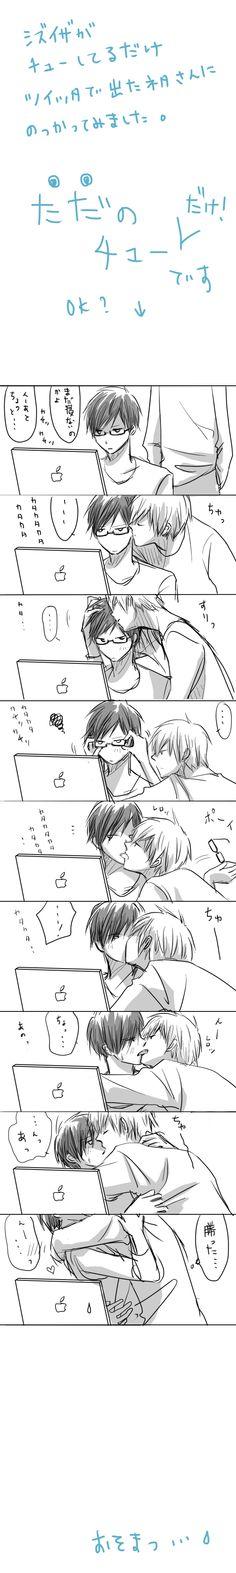 Was Shizu-chan always that clingy ahahaha ~ Shizuo x Izaya